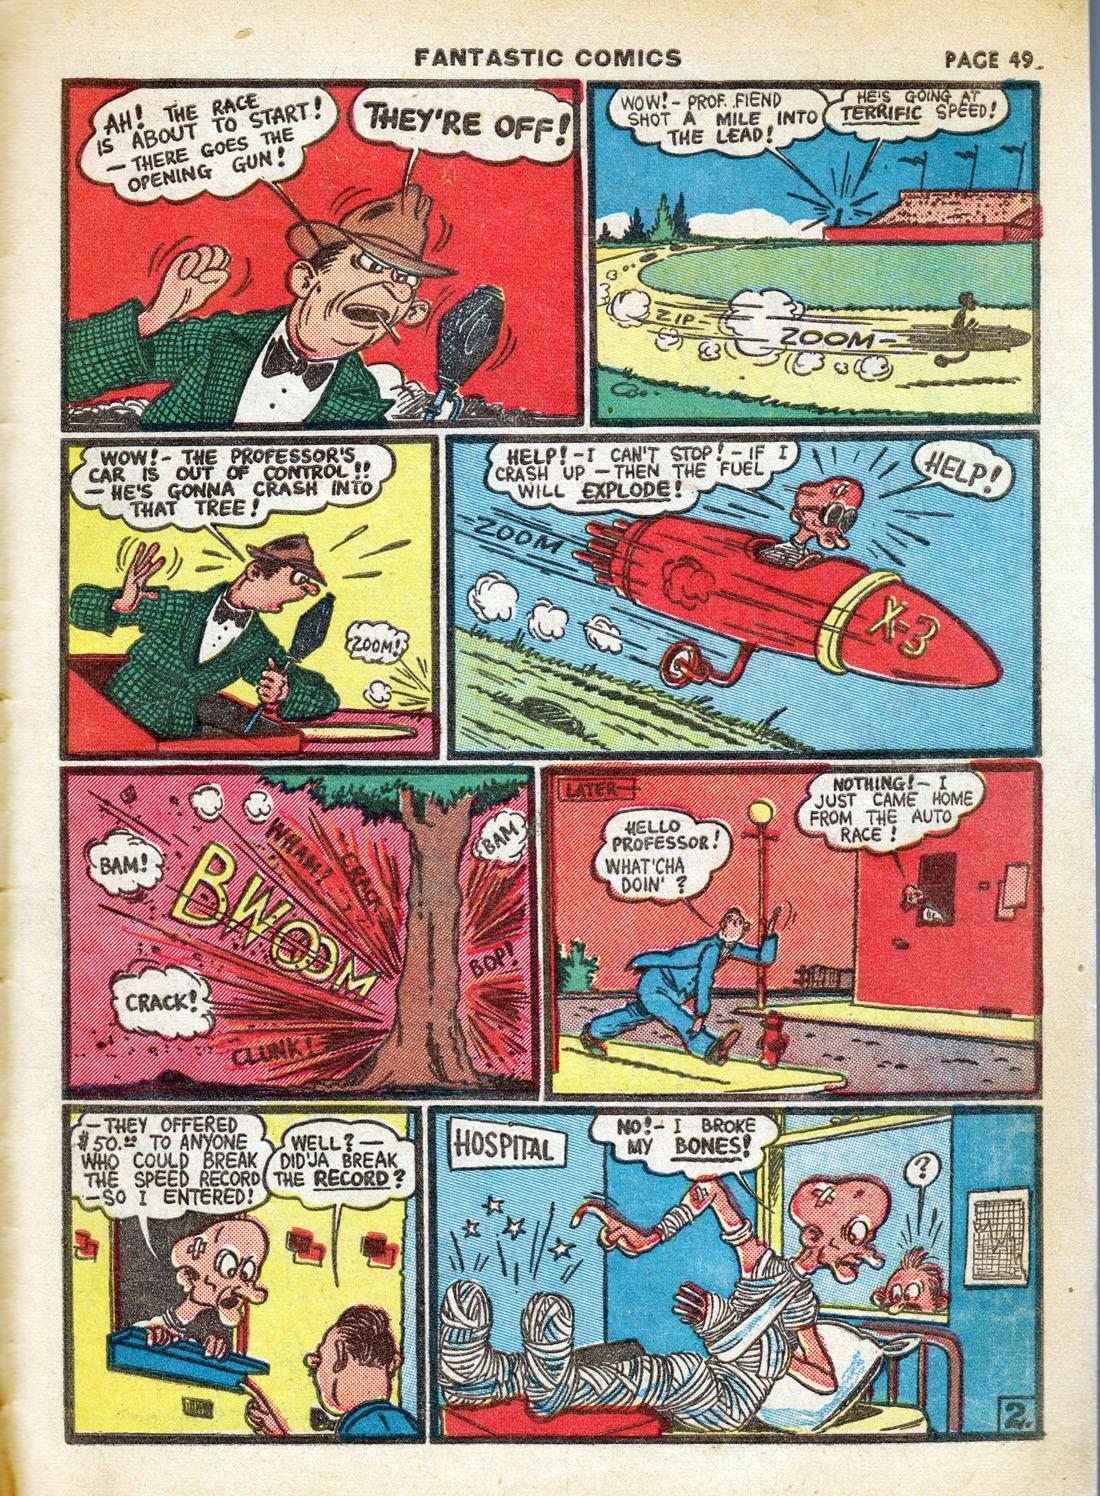 Read online Fantastic Comics comic -  Issue #7 - 51